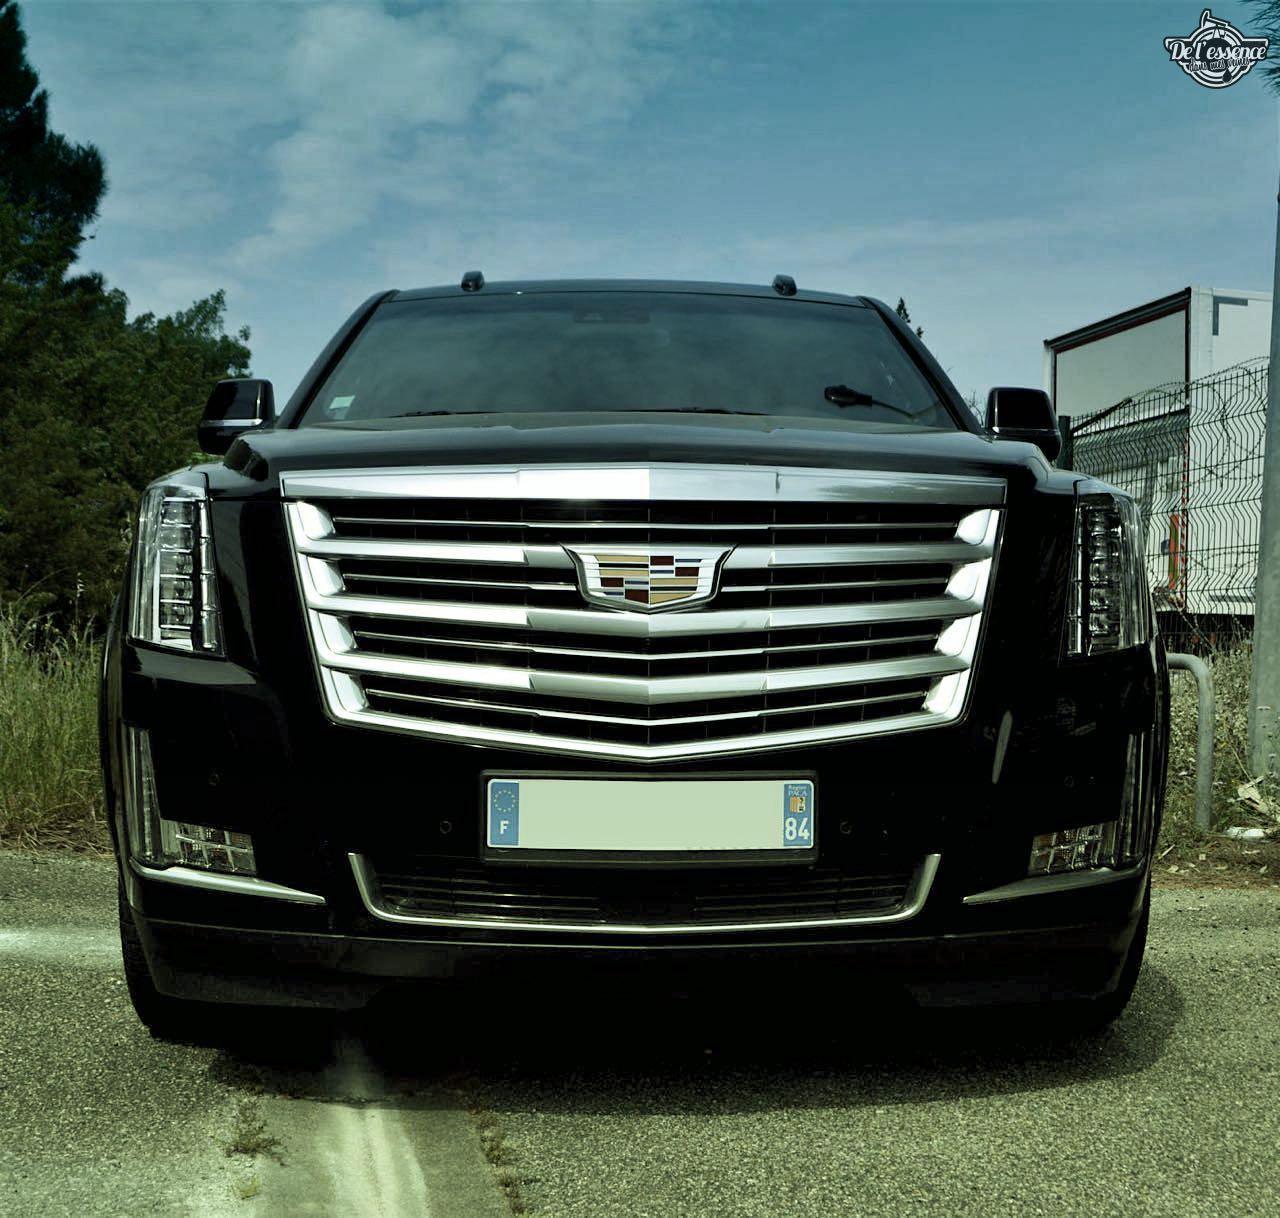 Cadillac Escalade 6.2 - En mode gangsta ! 2